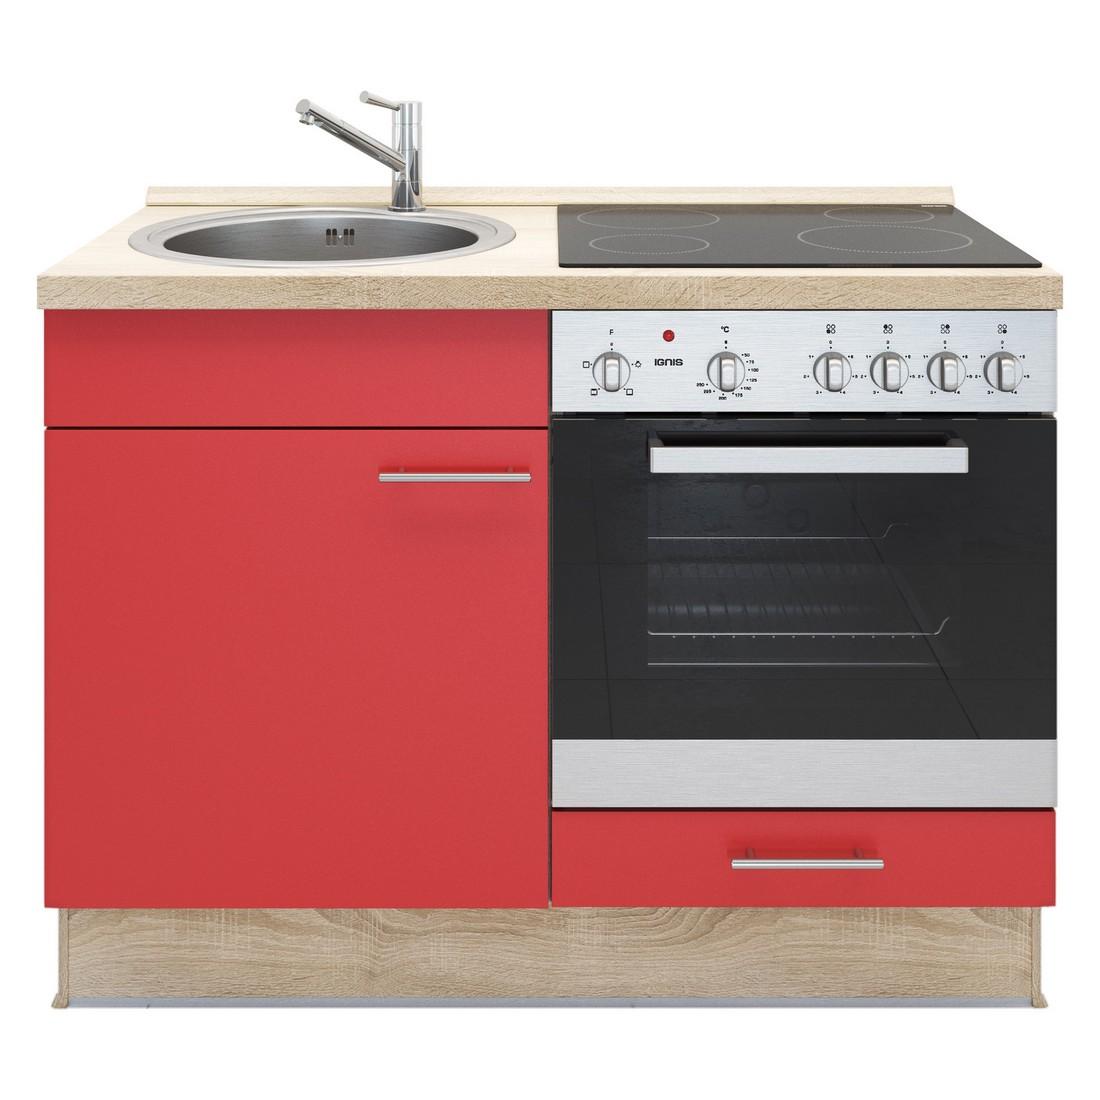 Kochschrank Basic – mit Edelstahlspüle – Glaskeramik Kochfeld und Backofen – Rot – Ausrichtung Rechts, Kiveda online bestellen